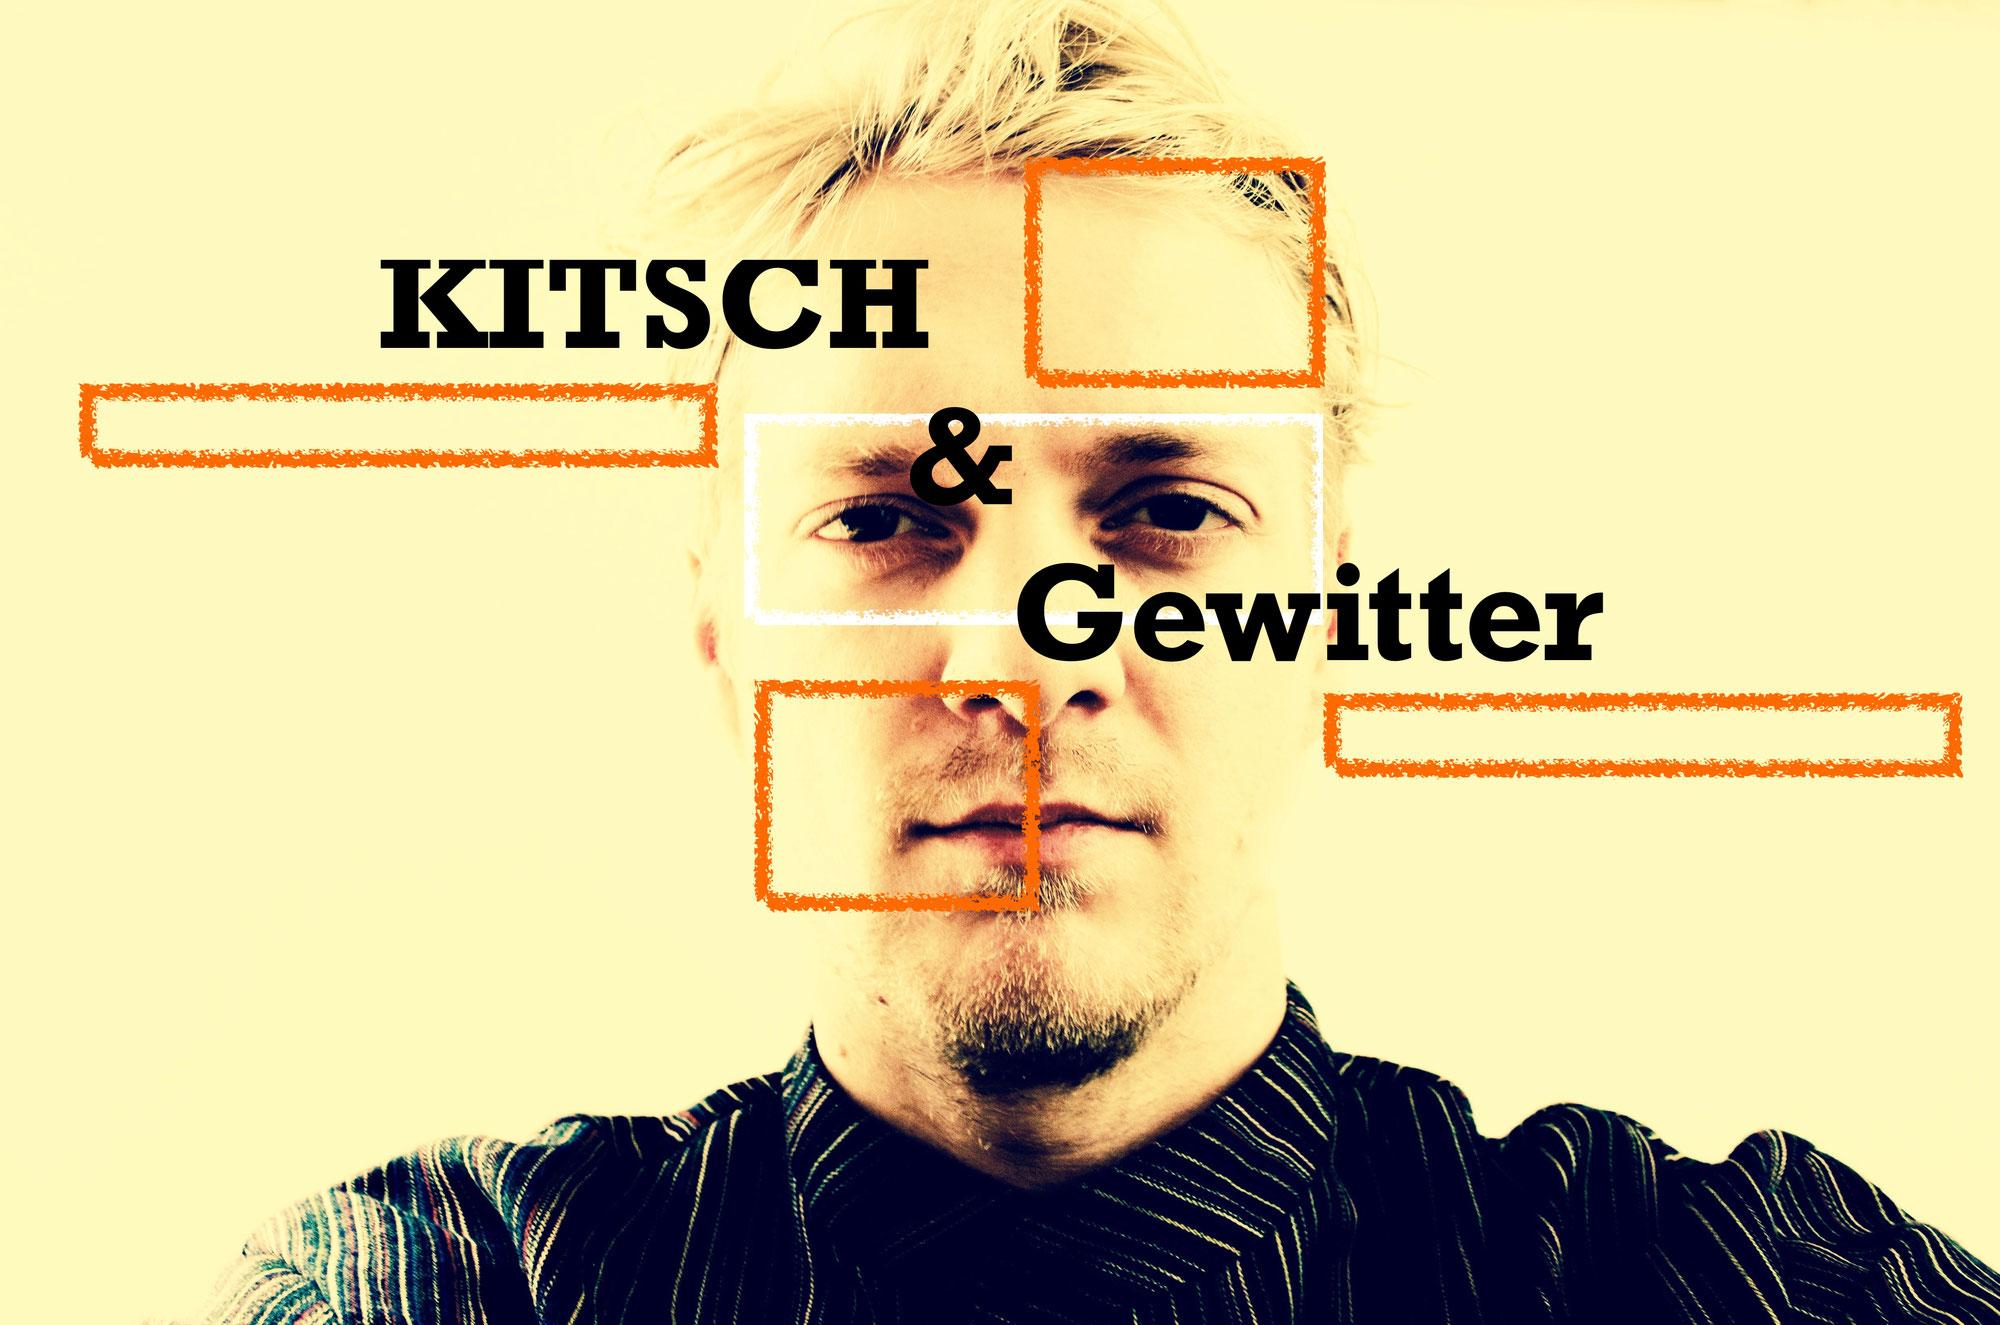 2.11. Kitsch&Gewitter